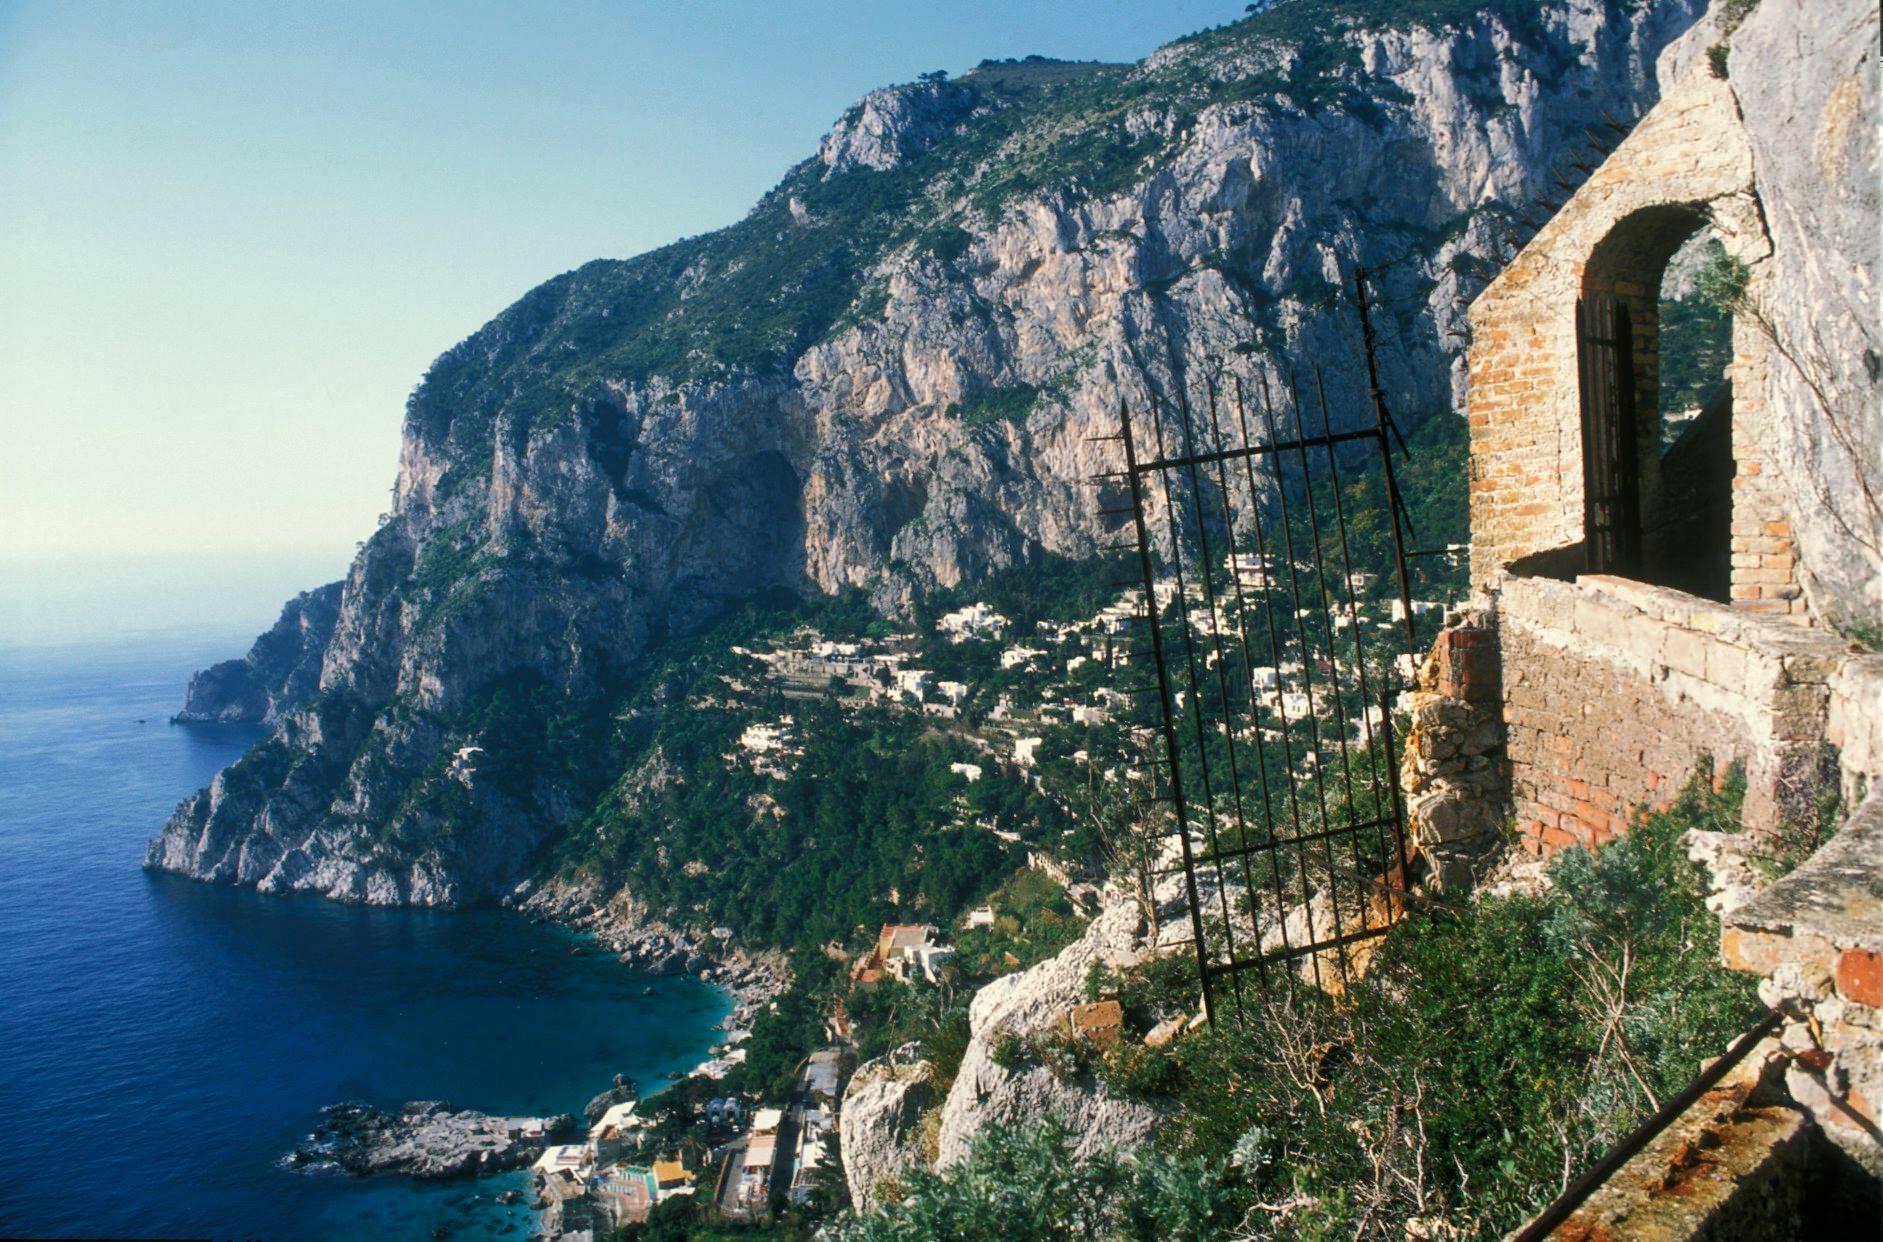 grotta-del-castiglione-cancello-di-accesso-sec-xx